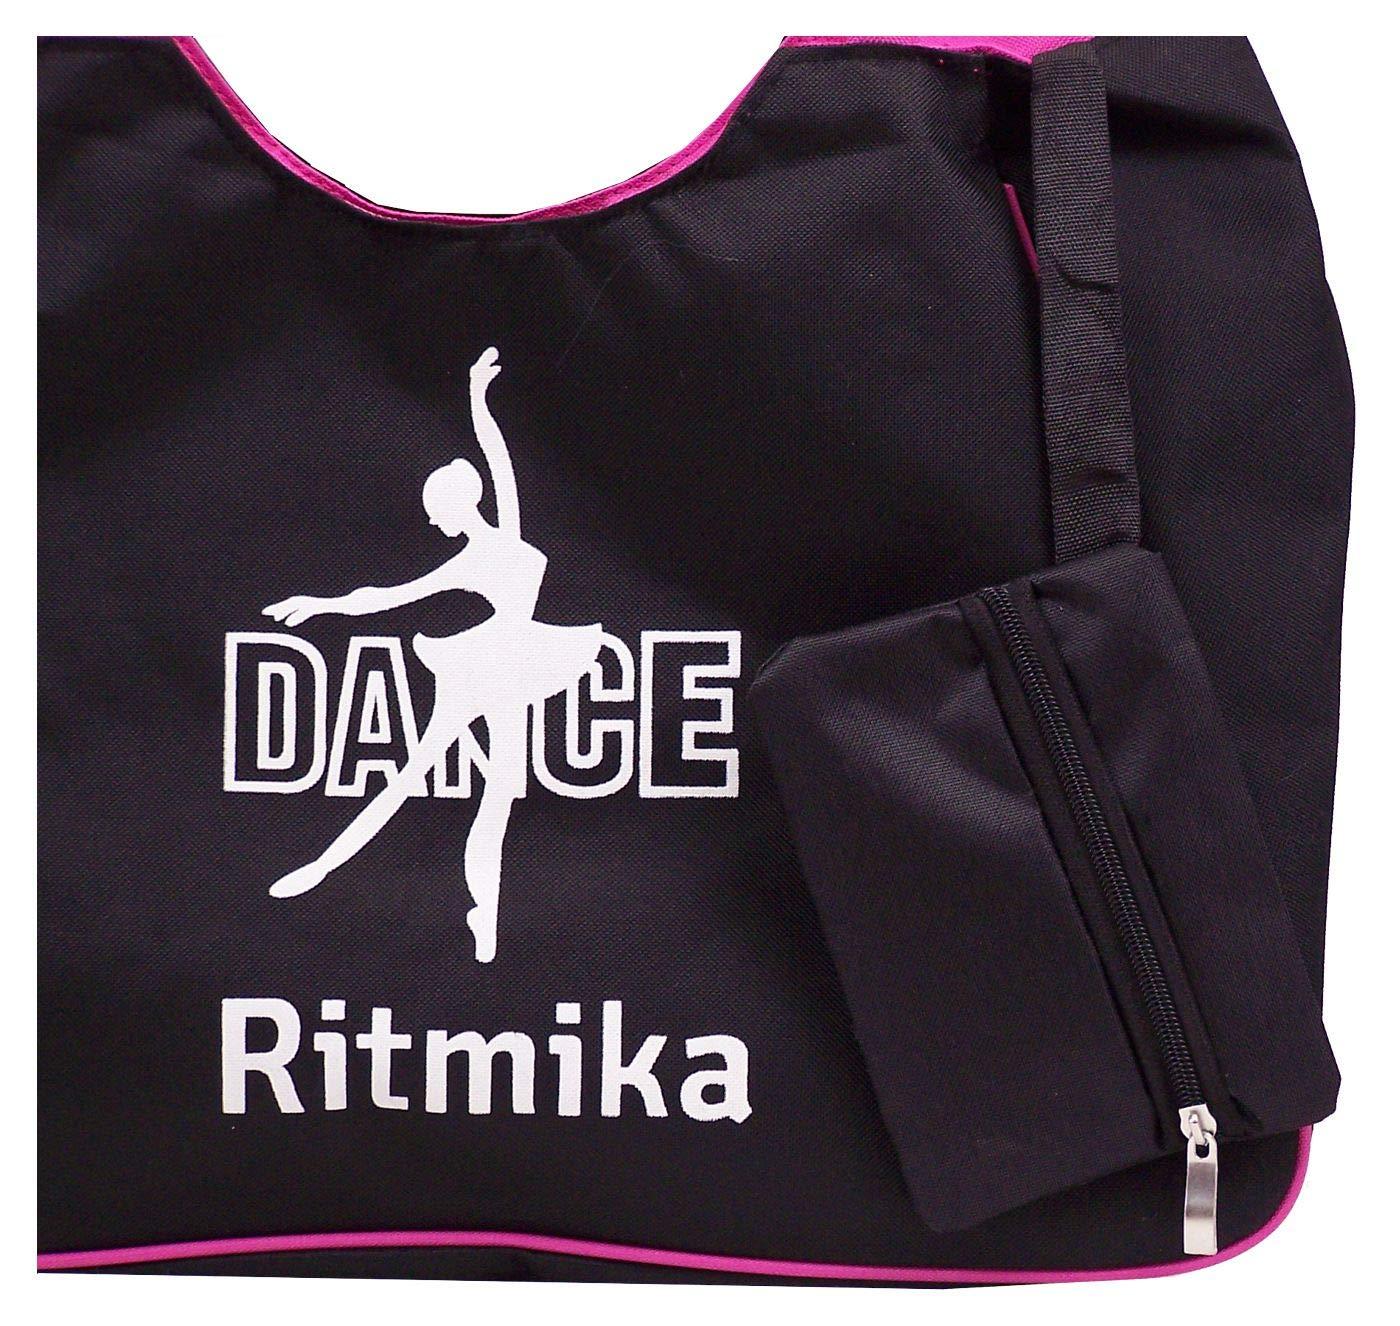 Amazon.com: Ritmika - Bolsa para ballet de competición y ...